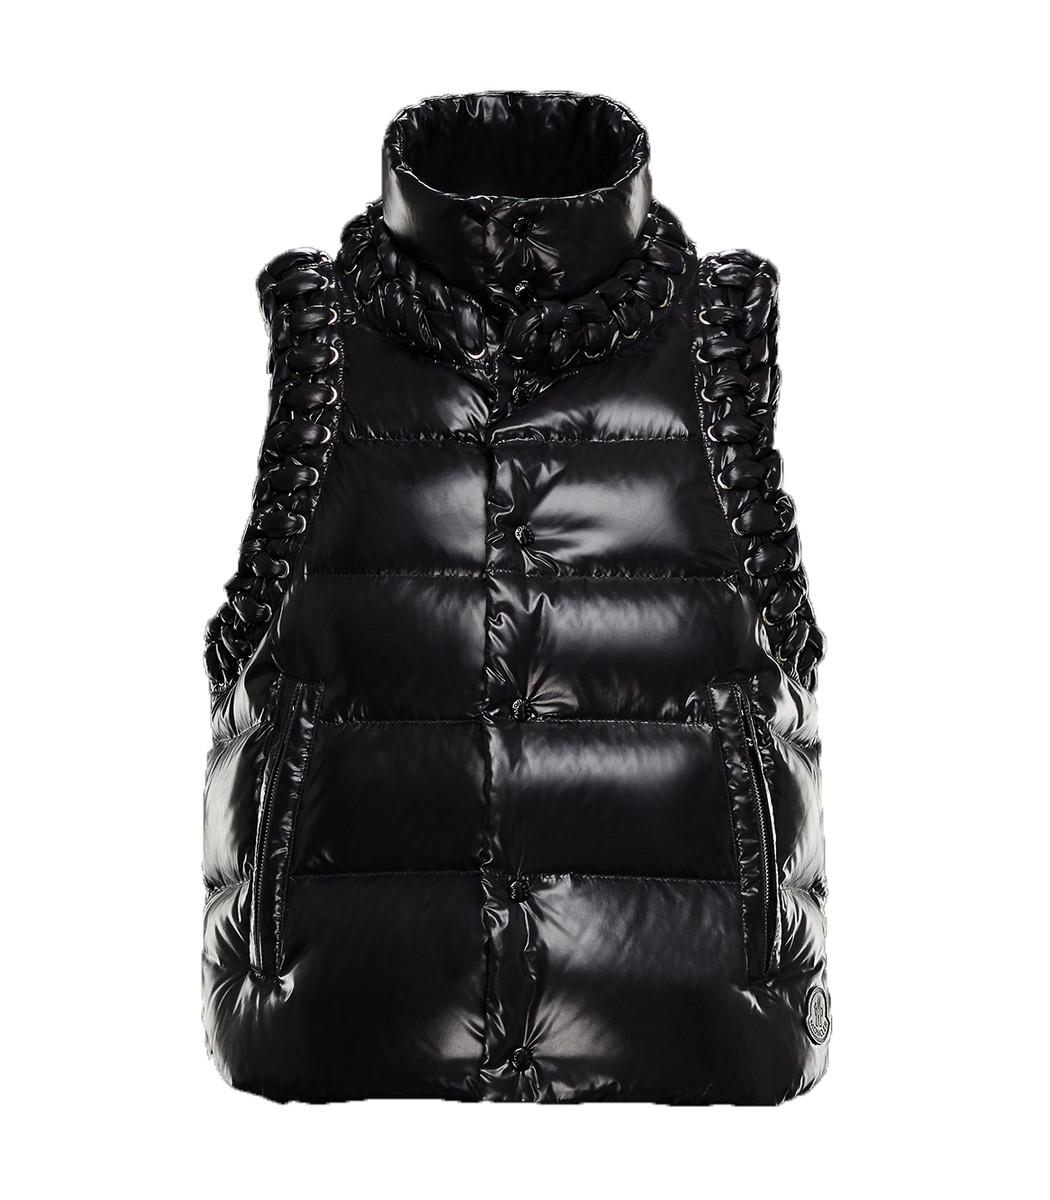 MONCLER GENIUS Black X Noir Agate Vest